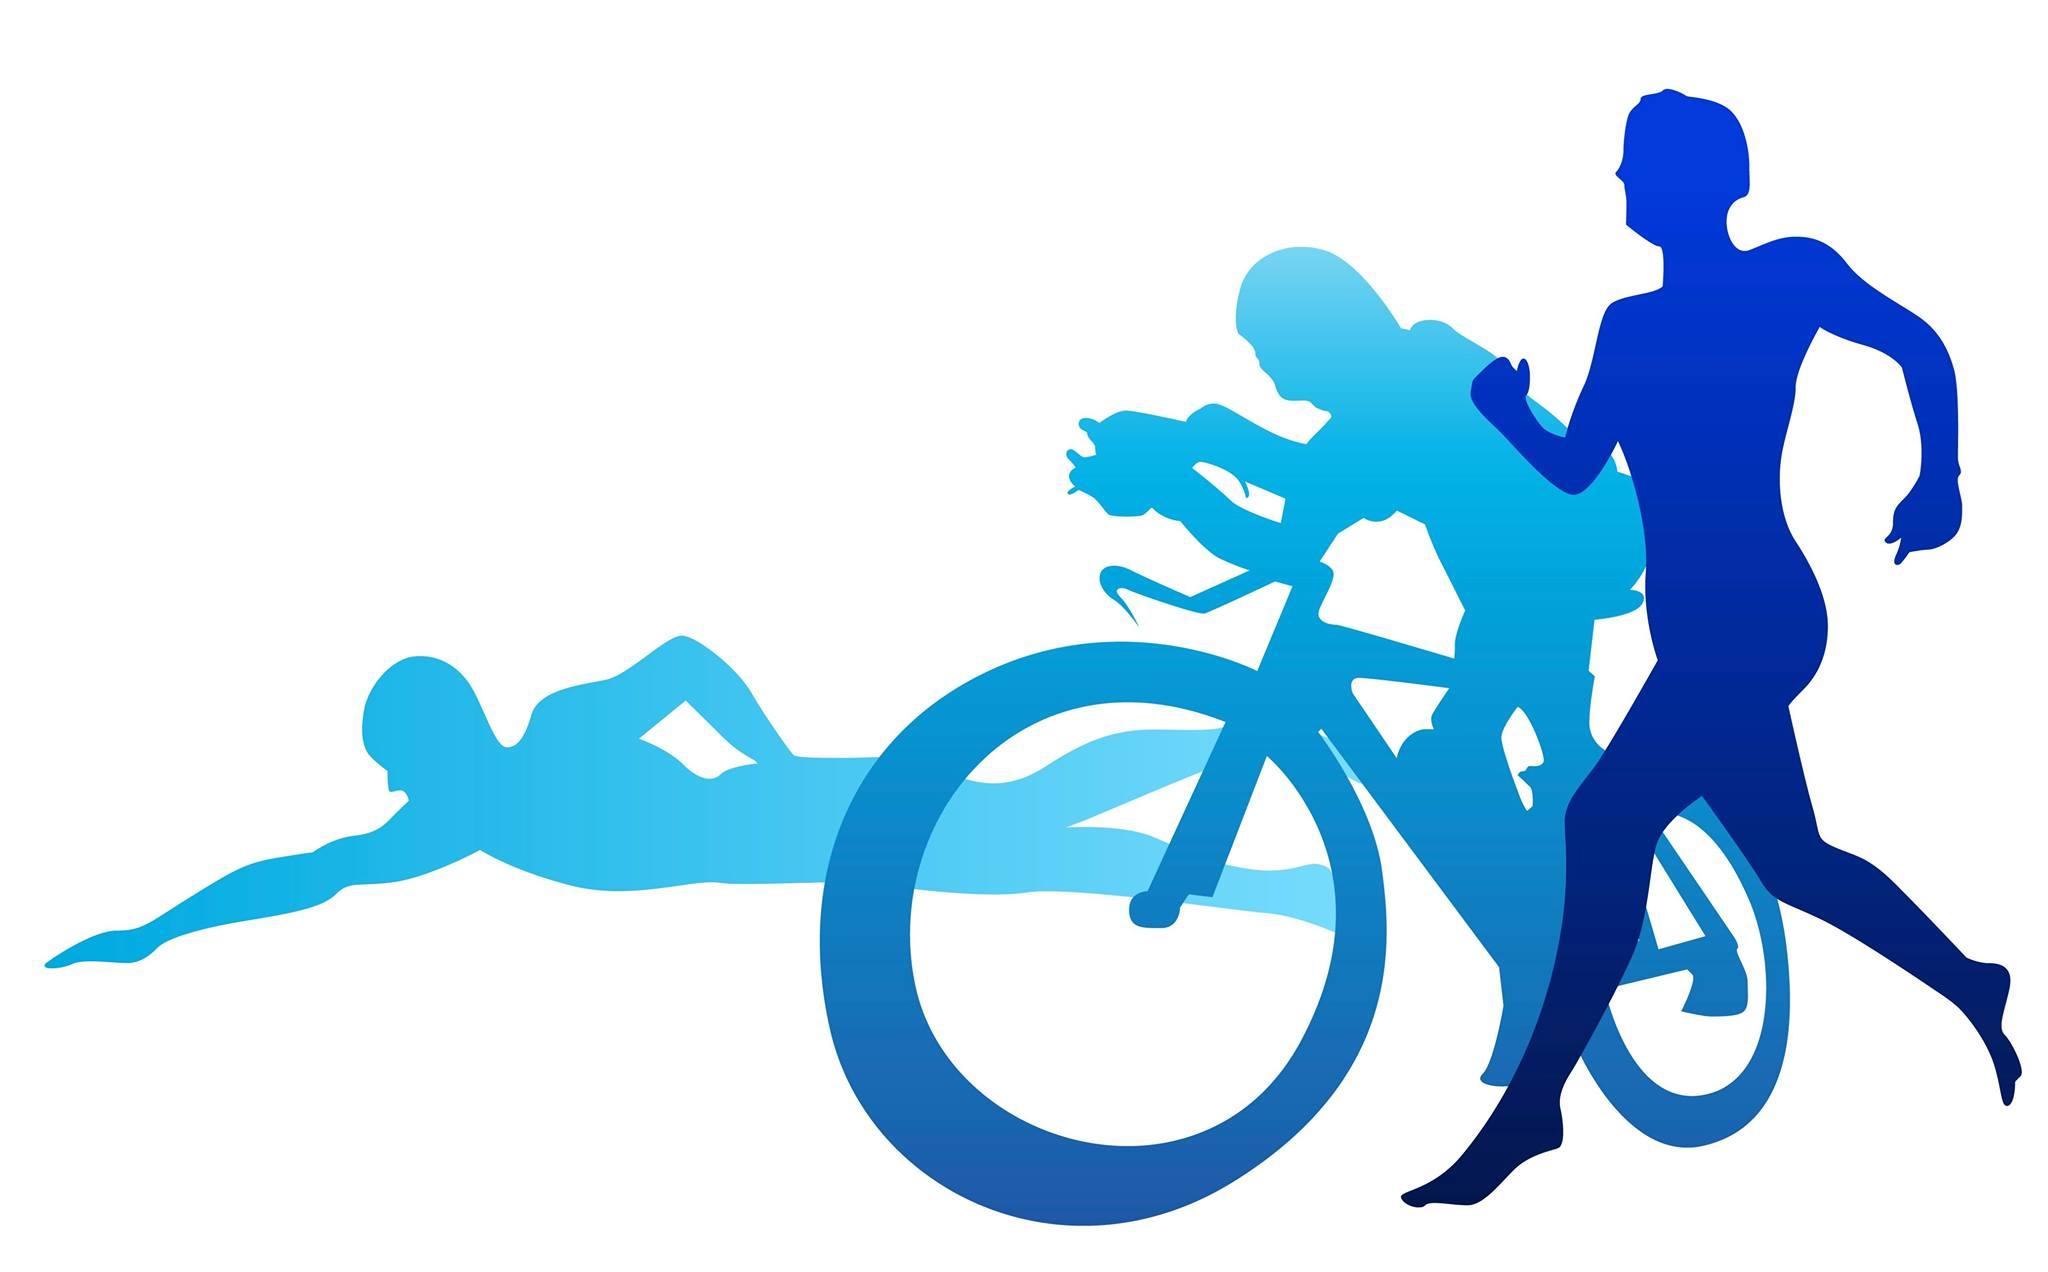 Grupul triatlonistilor